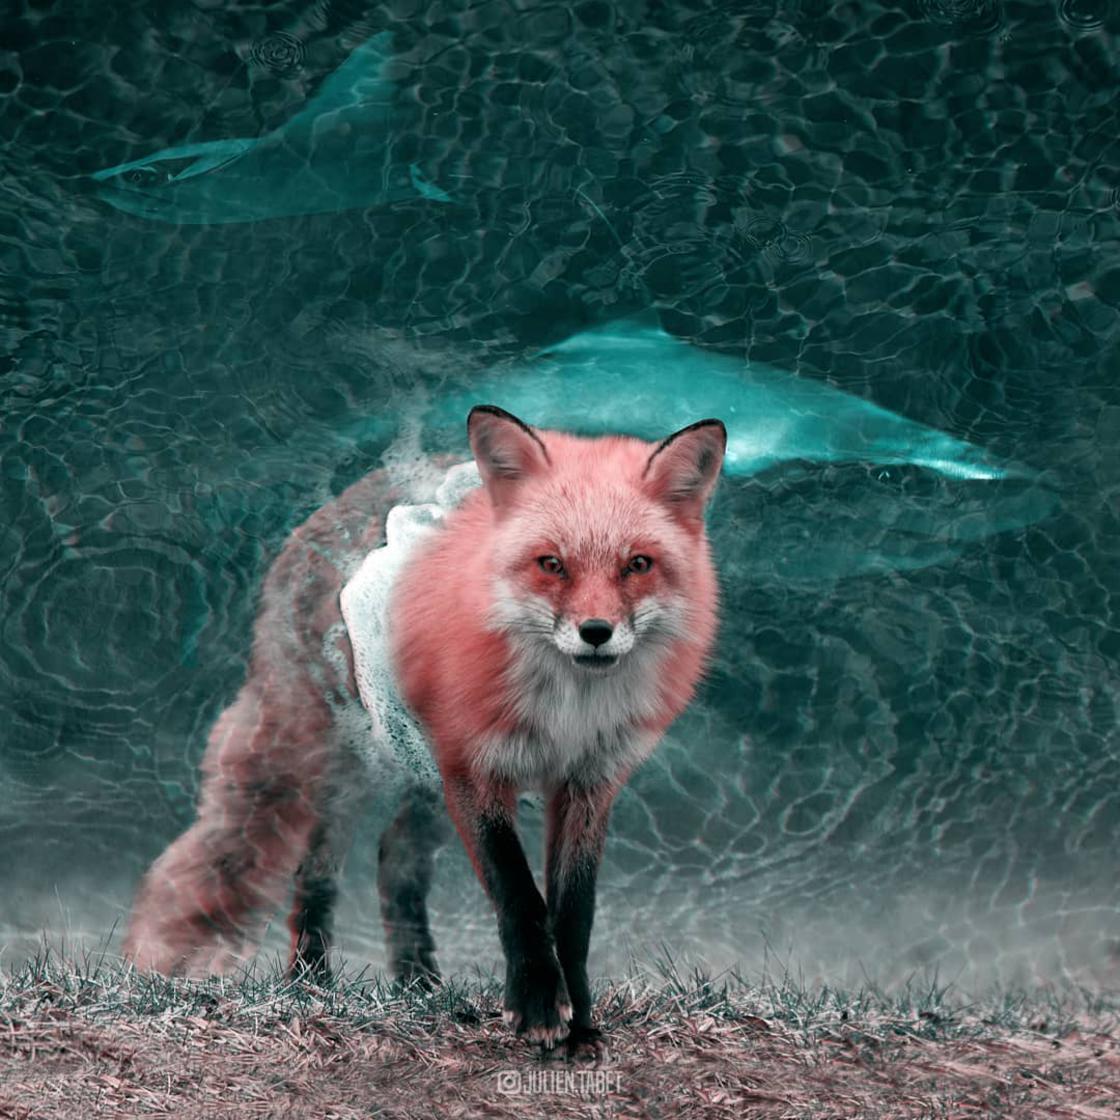 animaux-fantastiques-julien-tabet-6.jpg